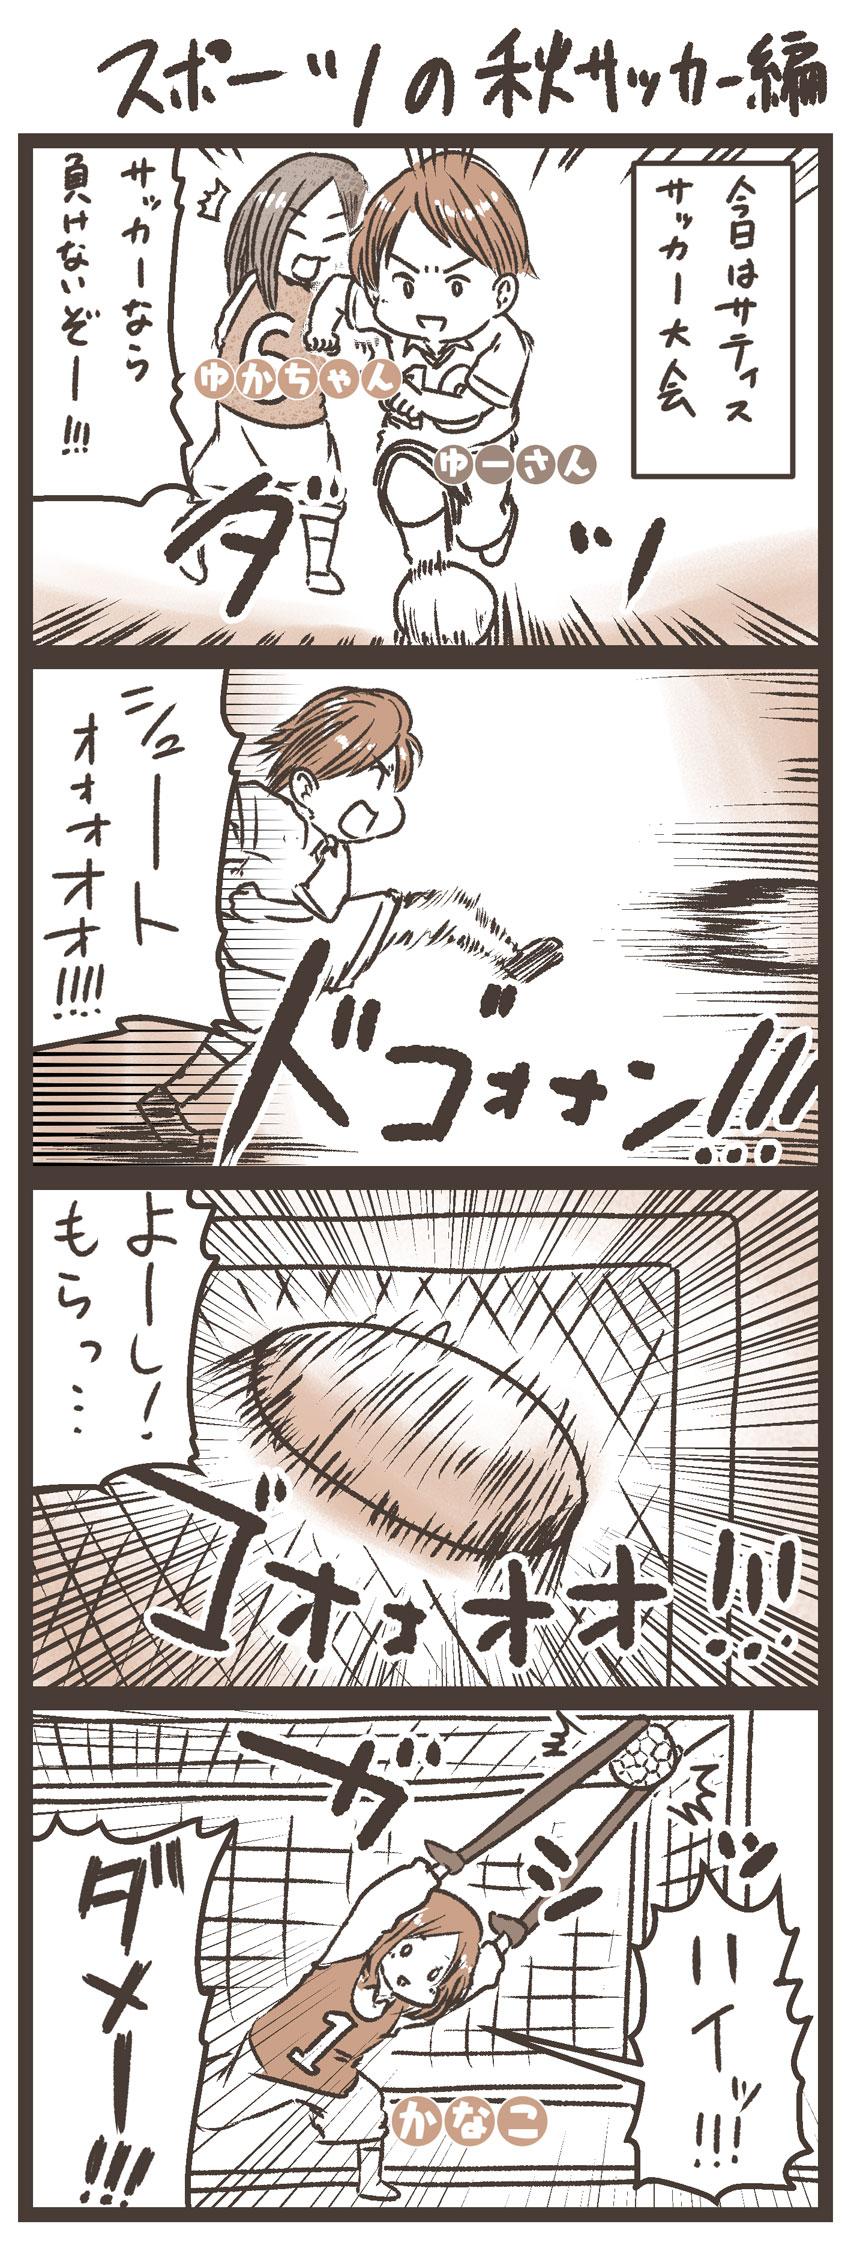 スポーツの秋サッカー編